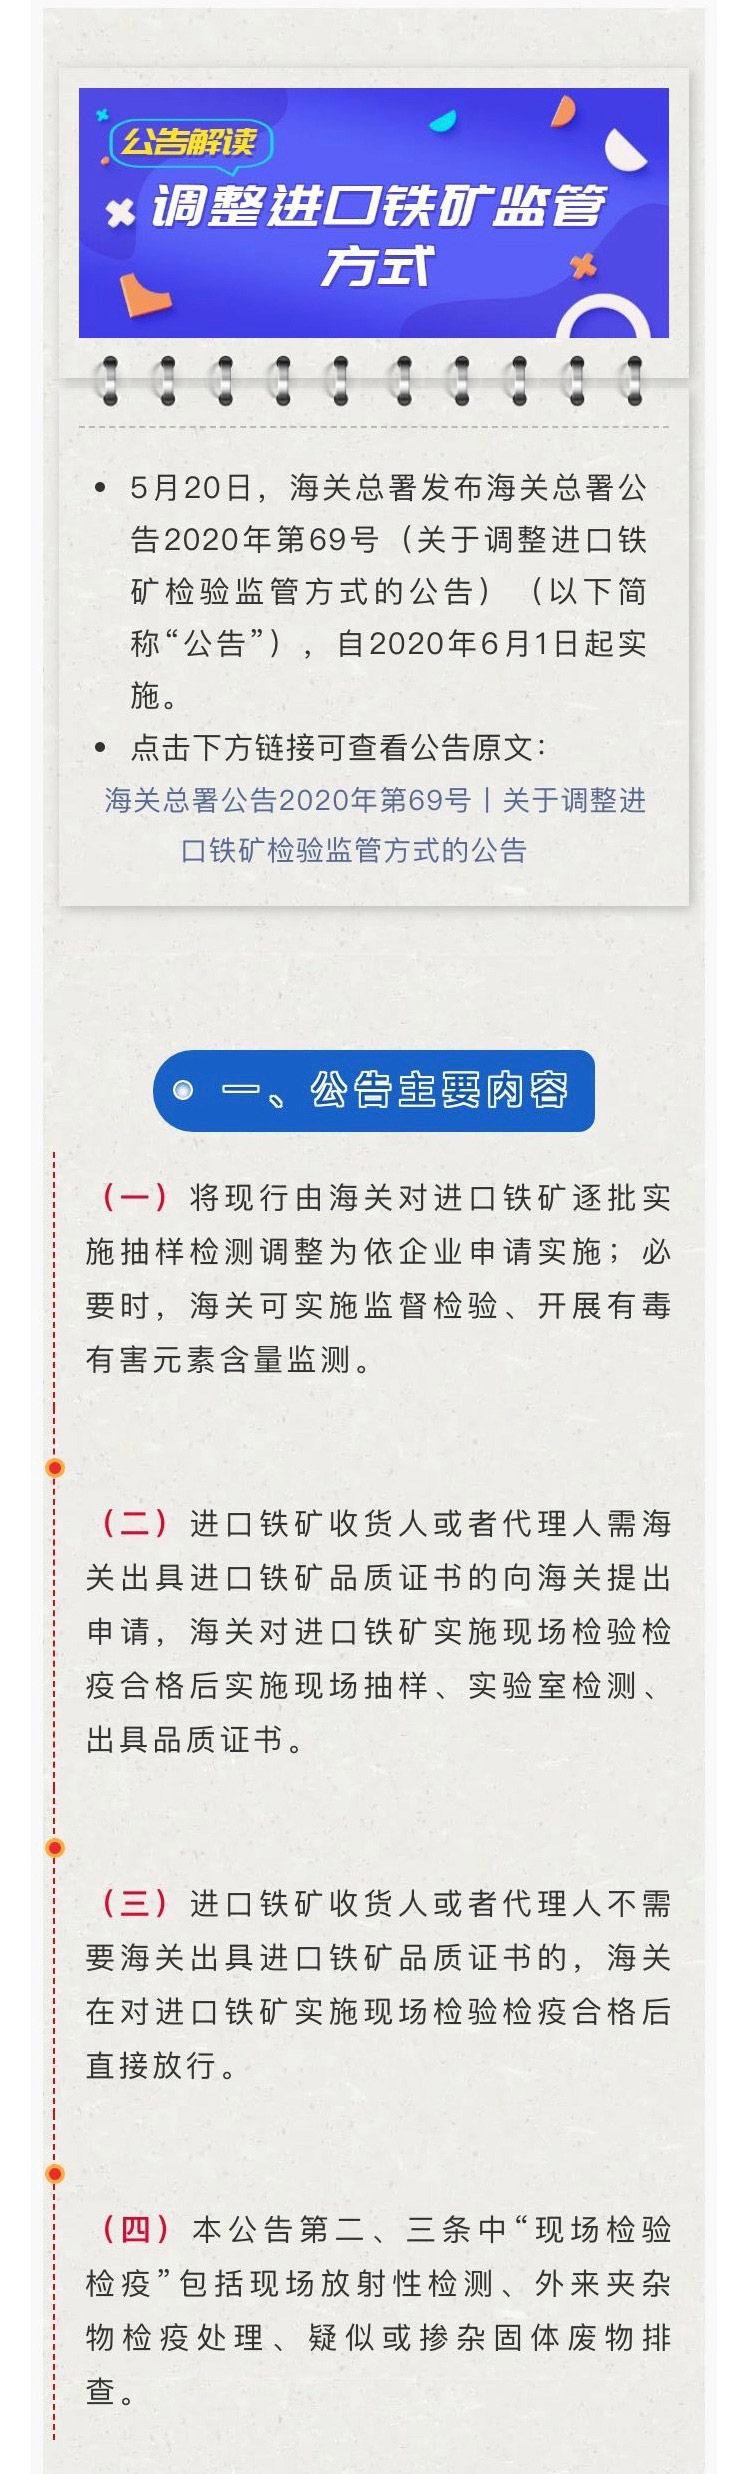 公告解读 | 调整进口铁矿监管方式